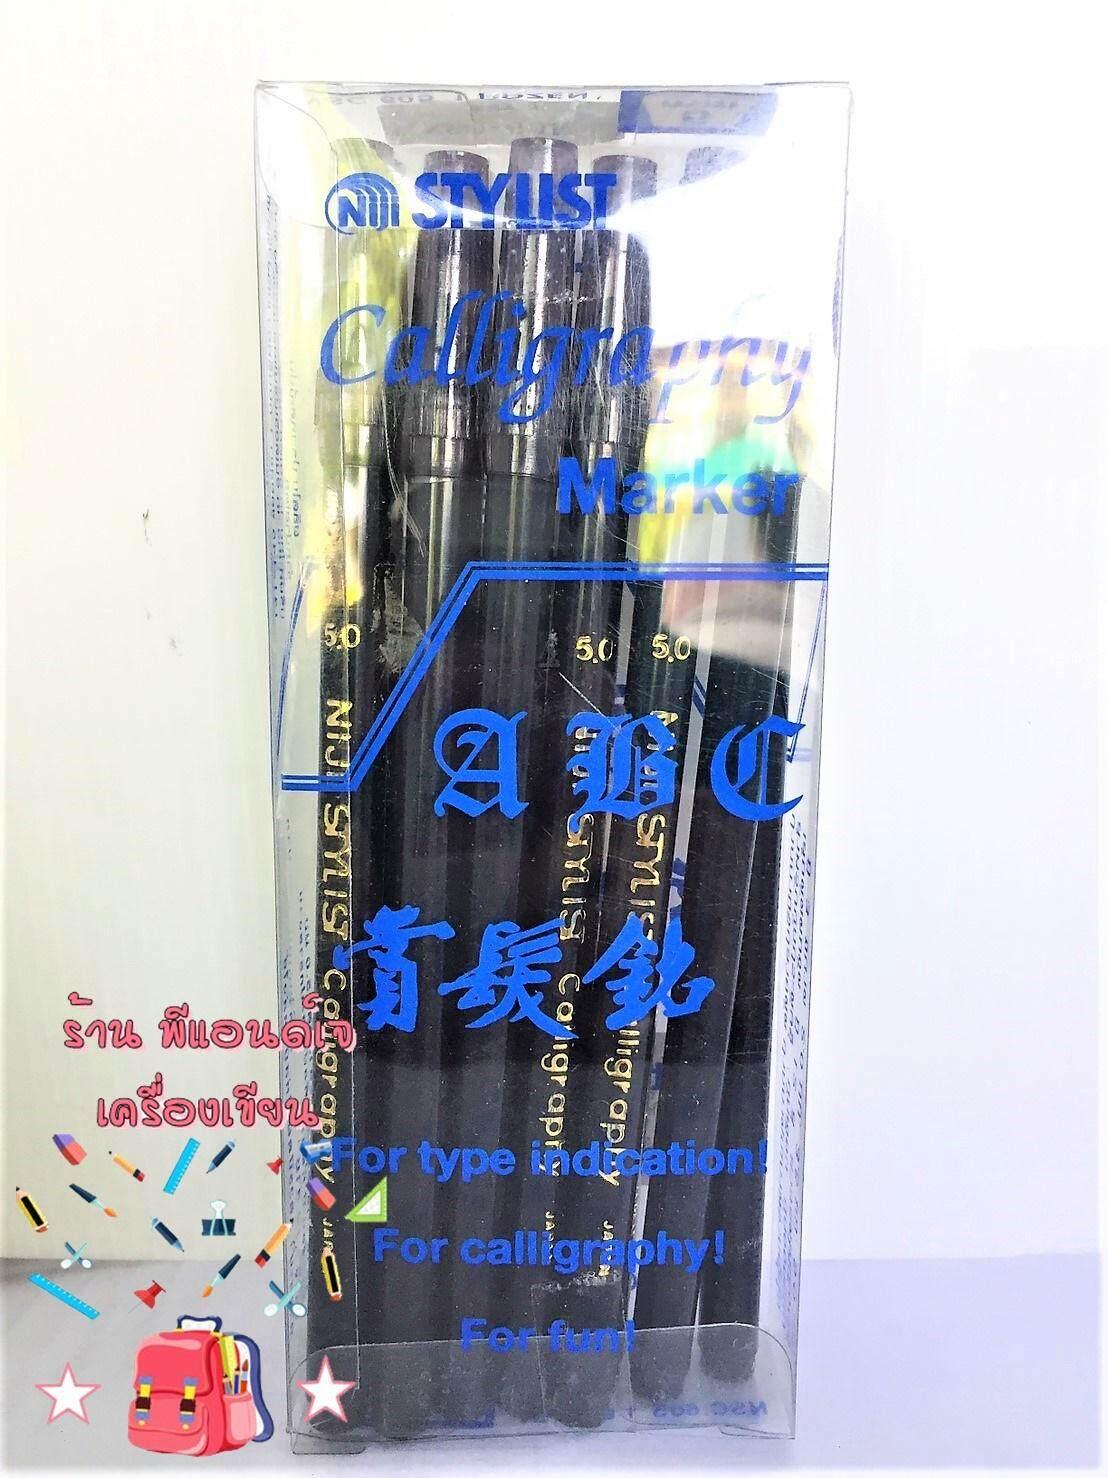 ปากกาสปีดบอล สีดำ ขนาด 5.0 มิล ปากกาหัวตัด Niji Stylist Calligraphy.